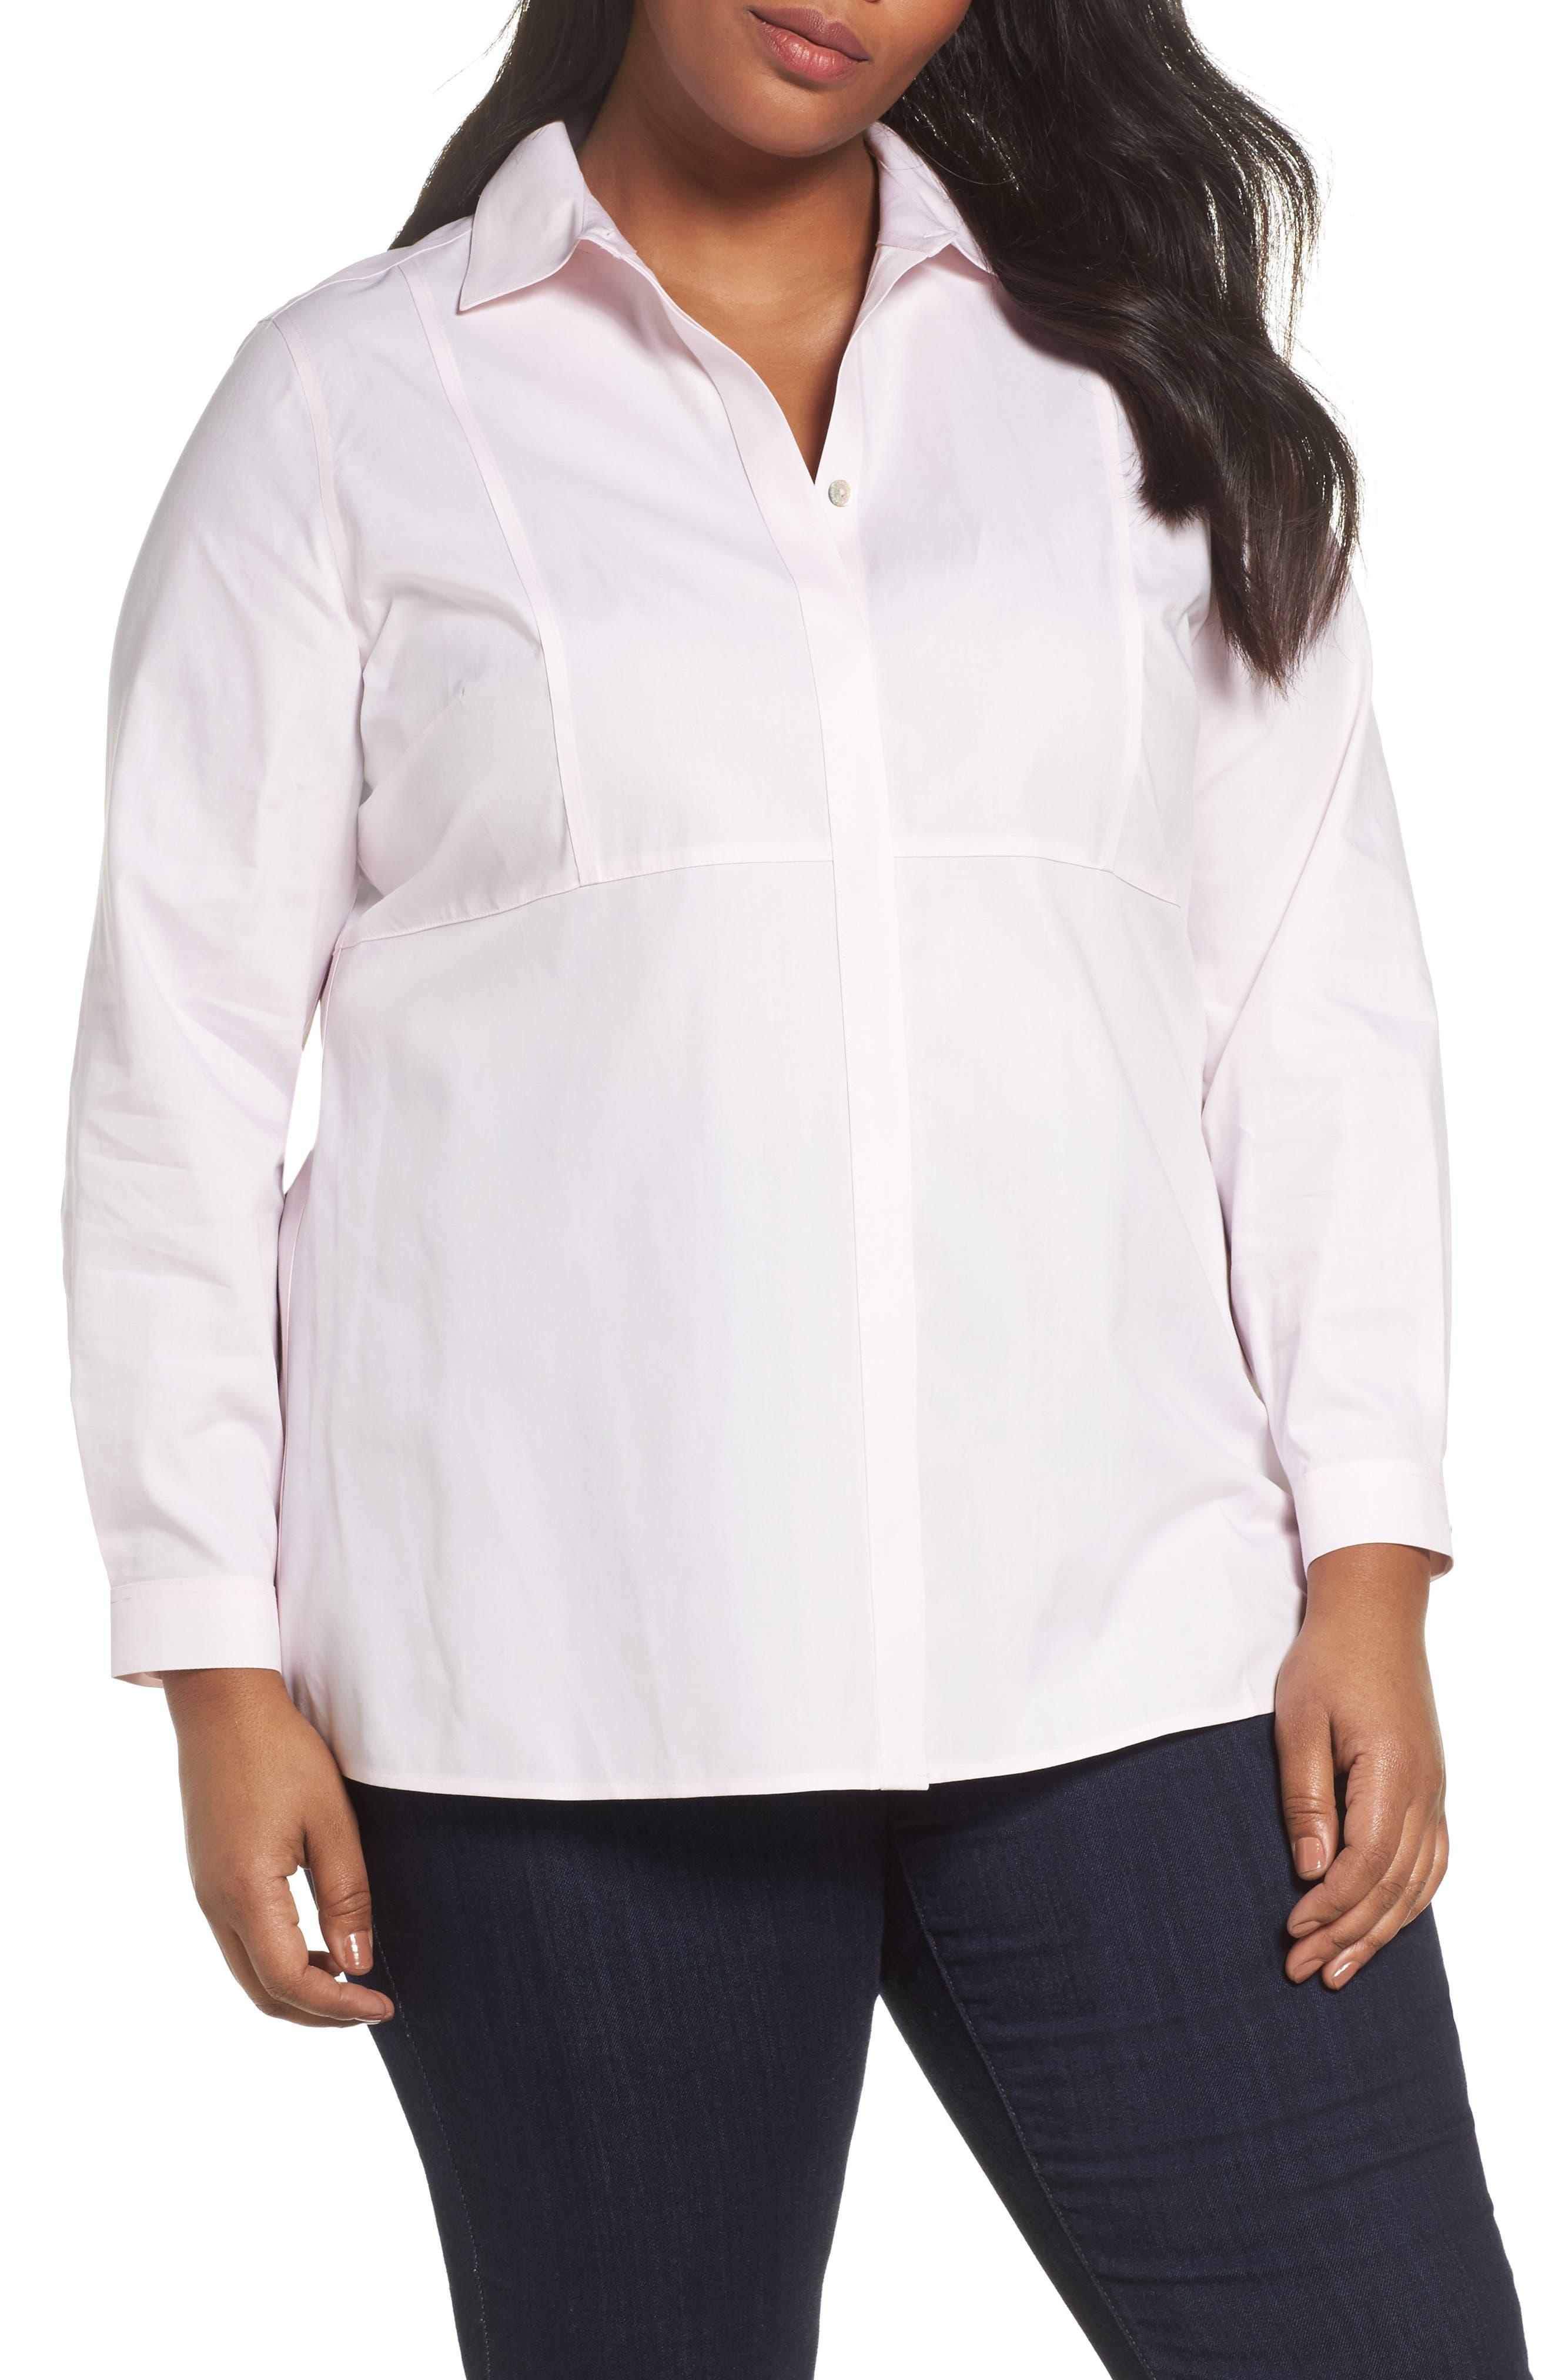 Pinpoint Oxford Cloth Shirt,                             Main thumbnail 3, color,